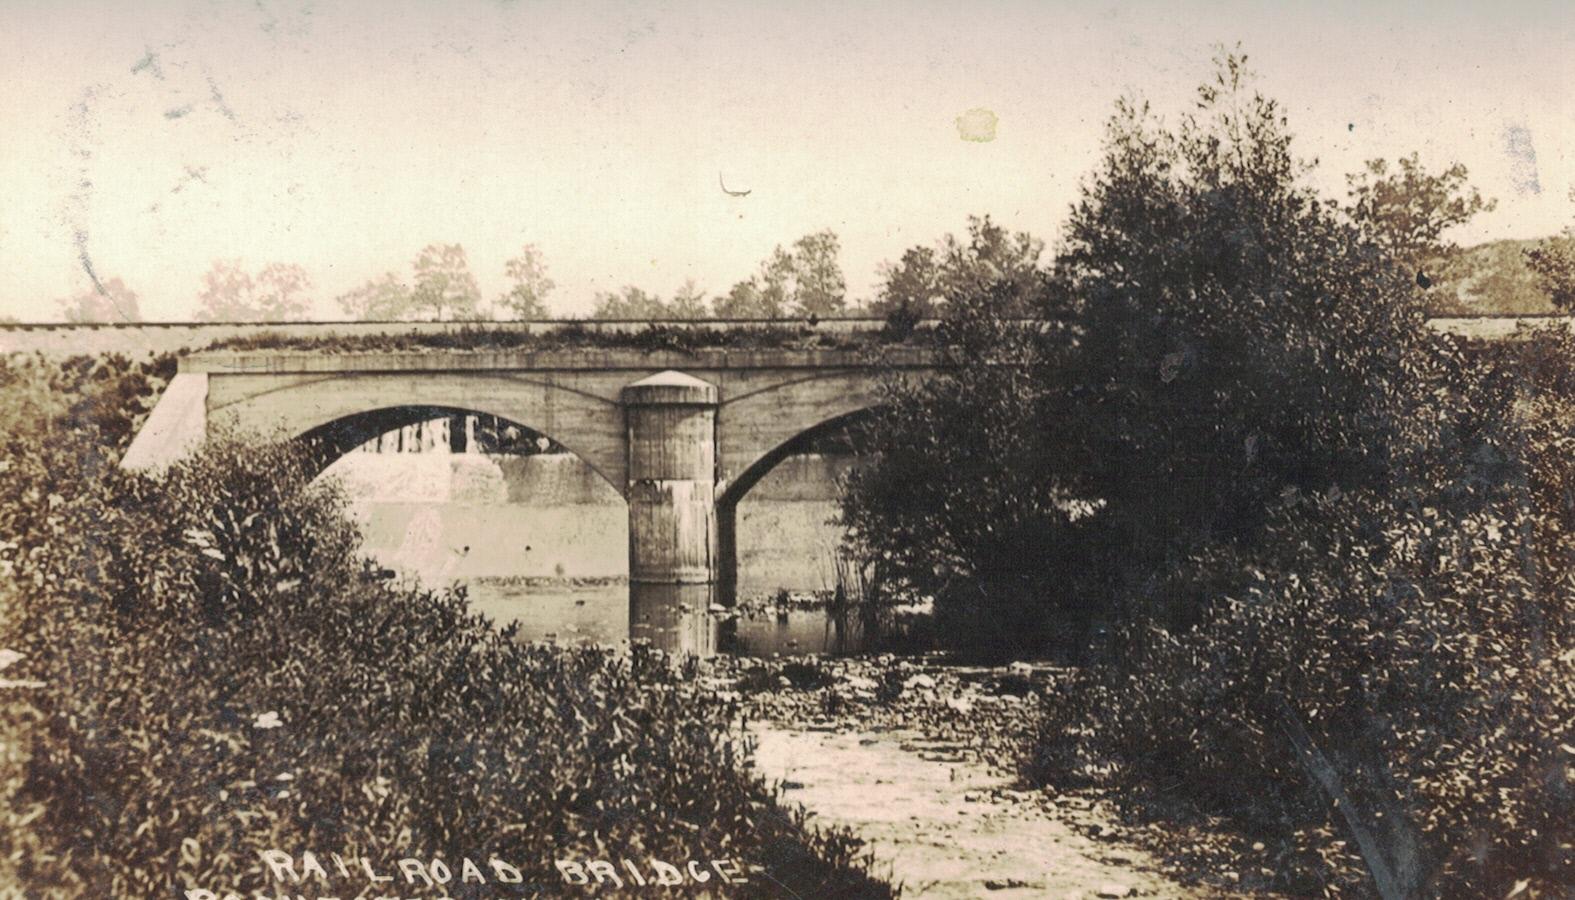 Michigan Central Railroad Bridge, ca. 1910